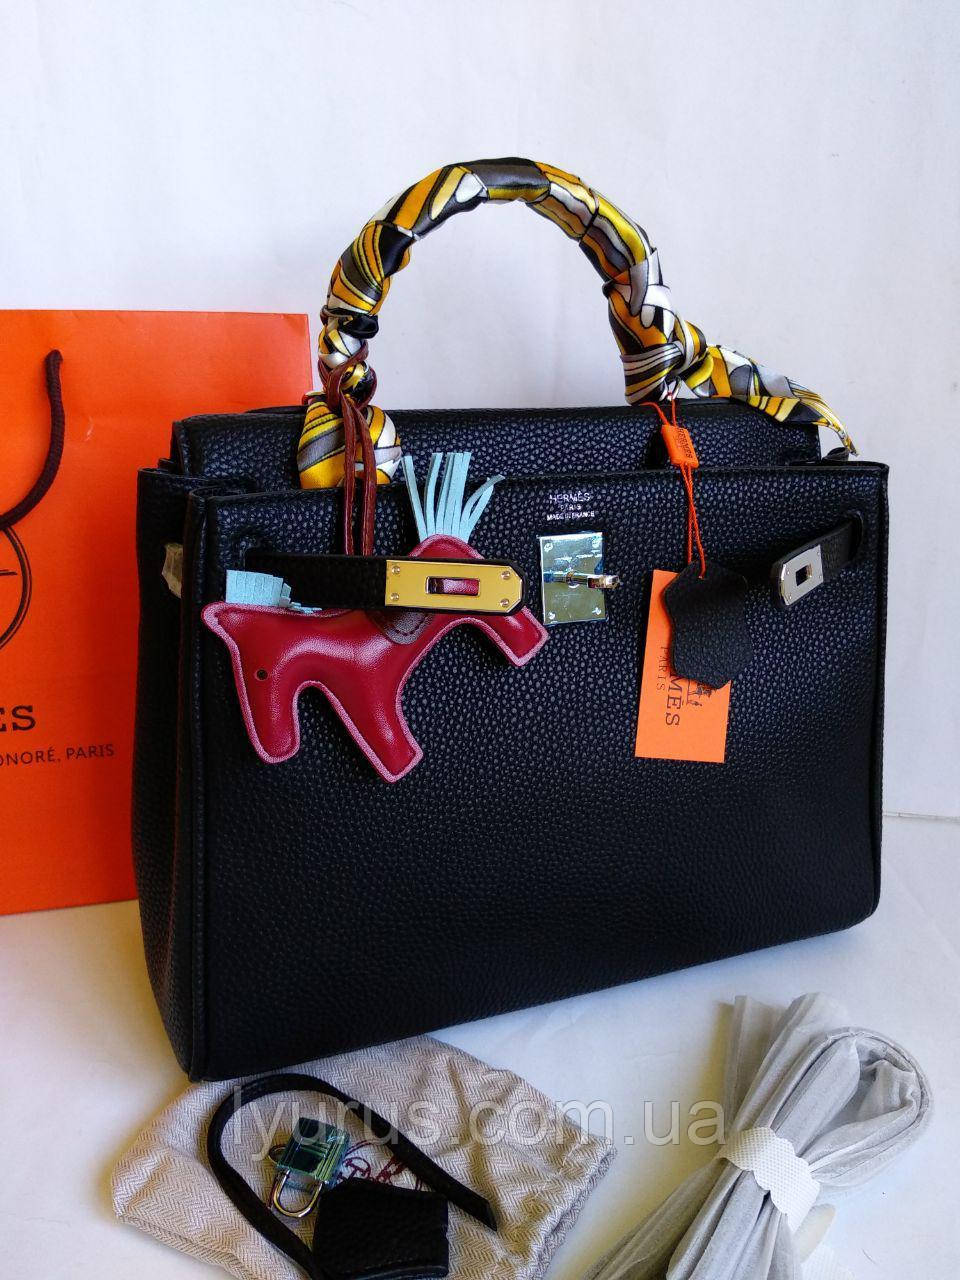 e516da4bdc94 Женская сумка Гермес: продажа, цена в Полтаве. женские сумочки и ...